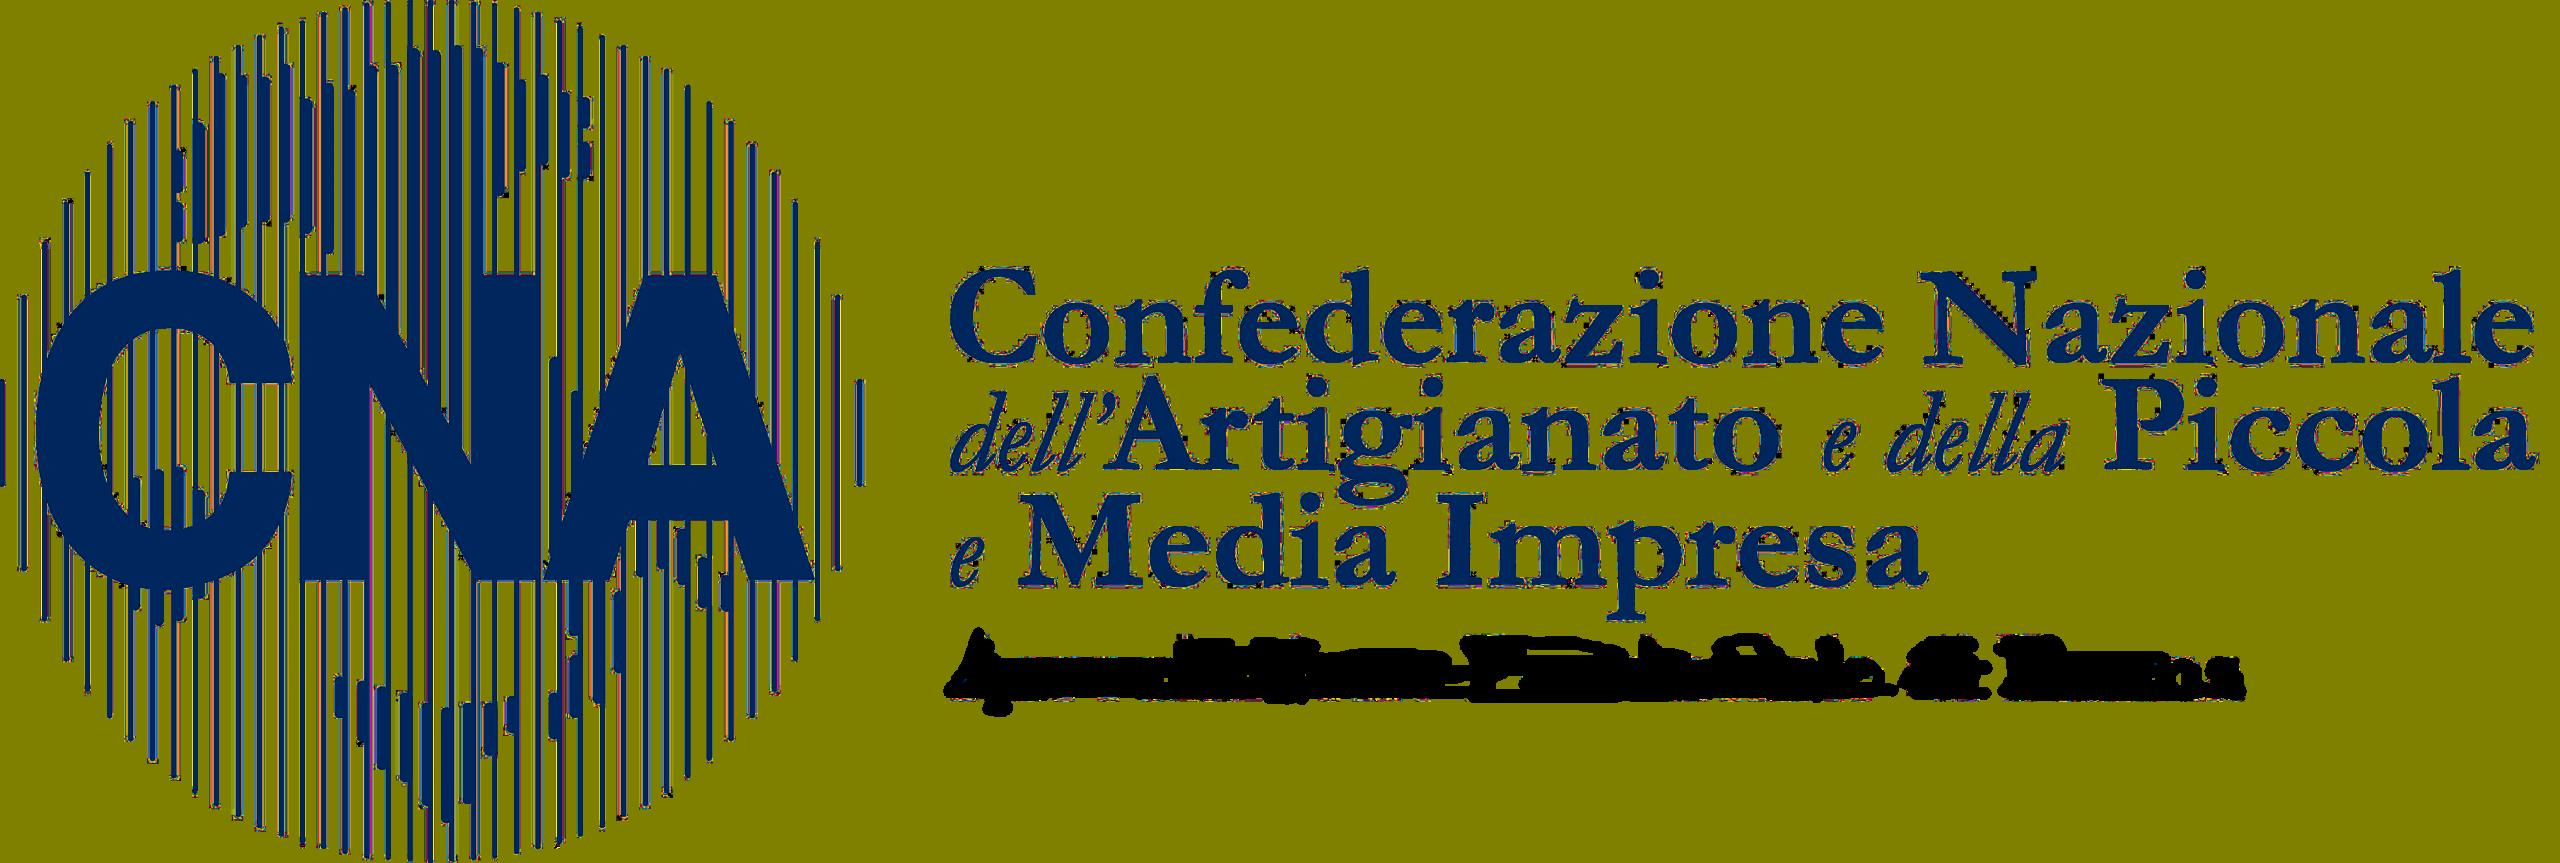 CNA marcatura-ce marchio ce Roma Perugia Grosseto Terni Viterbo